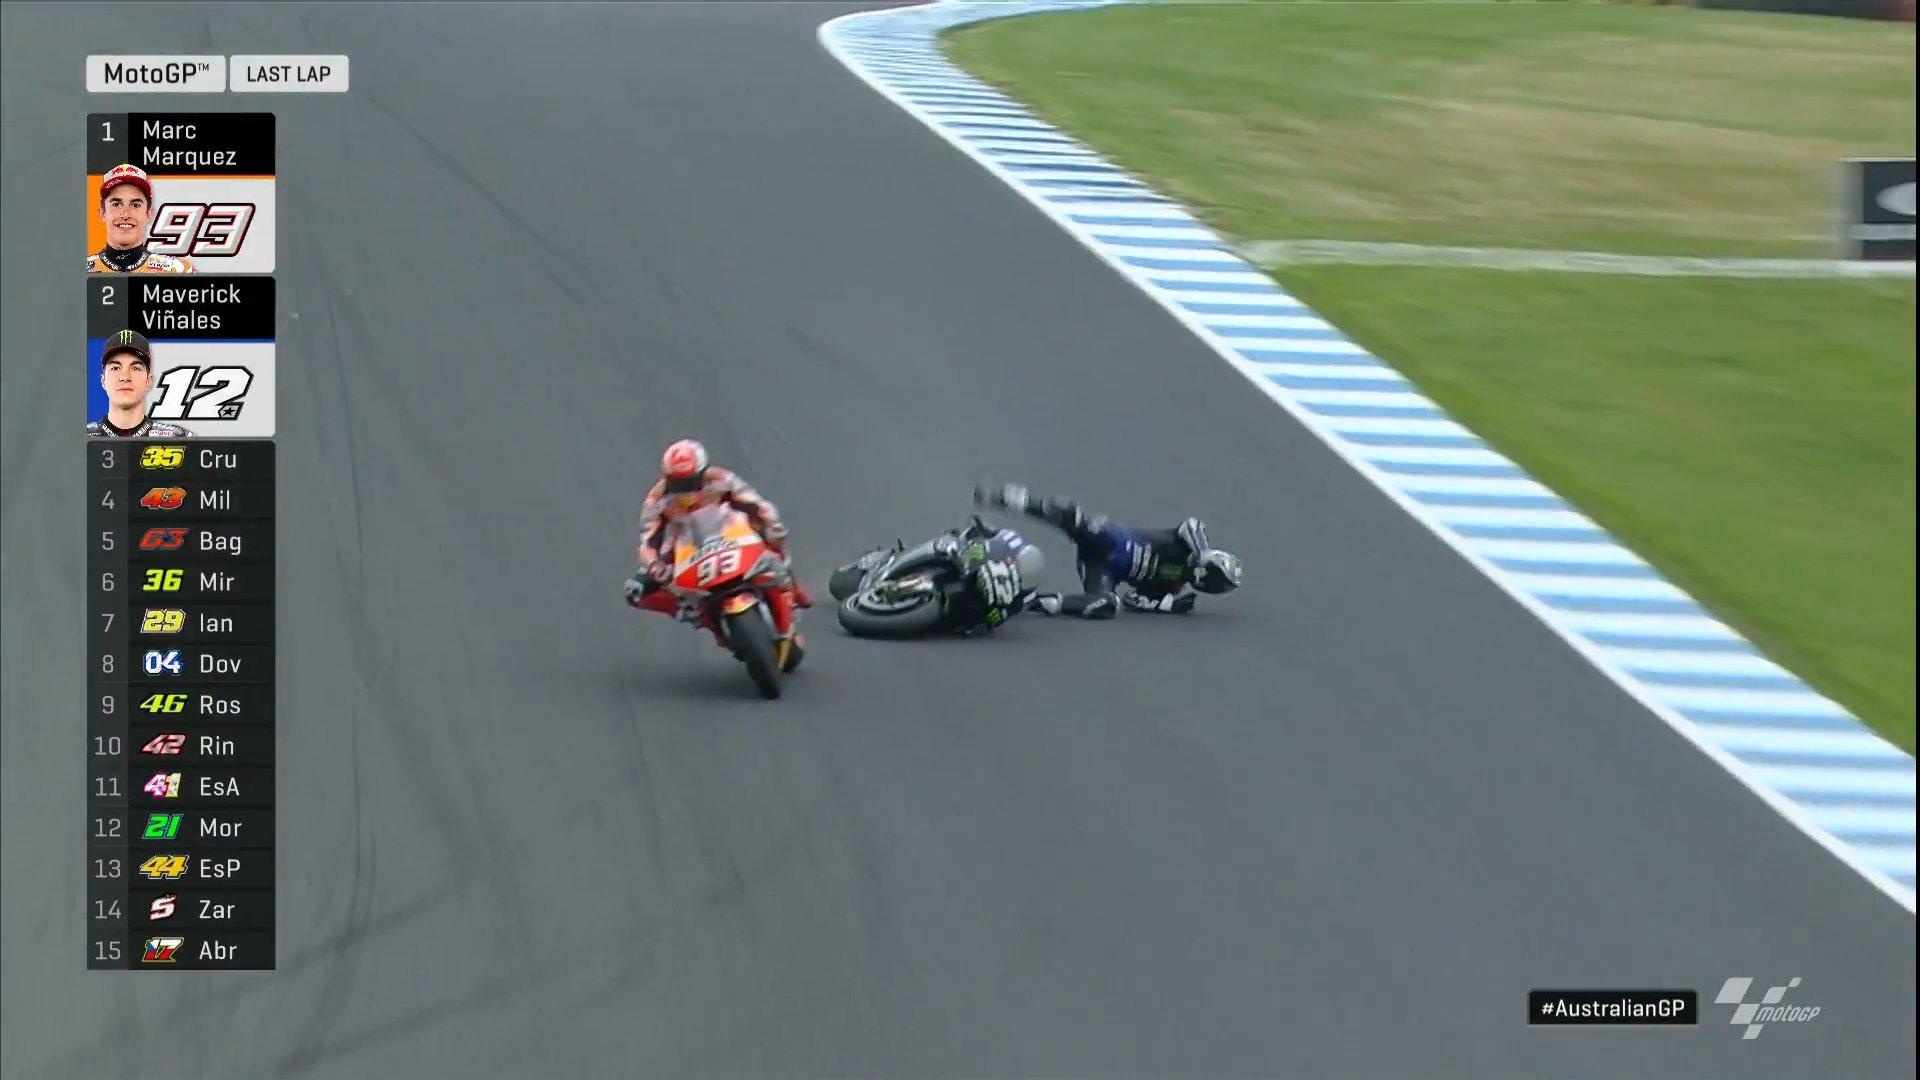 MotoGP/ Garë emocionuese, Marquez triumfon në frymën e fundit